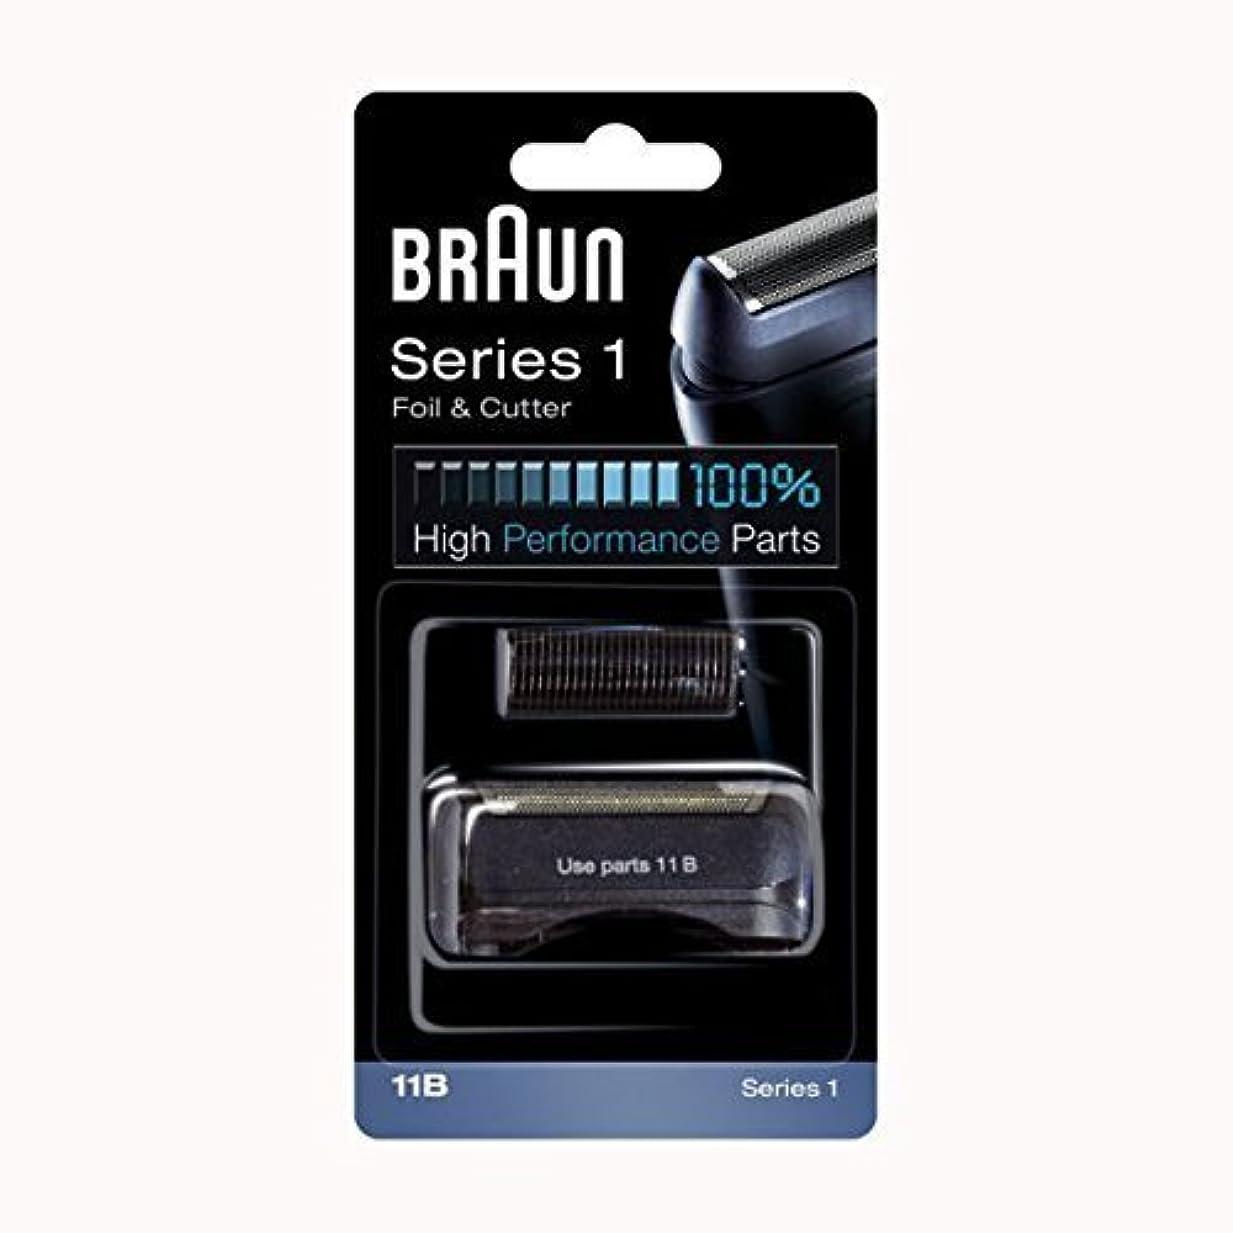 破壊的なボールタイマーBraun Series 150 Combipack 11B by Braun GmbH [並行輸入品]